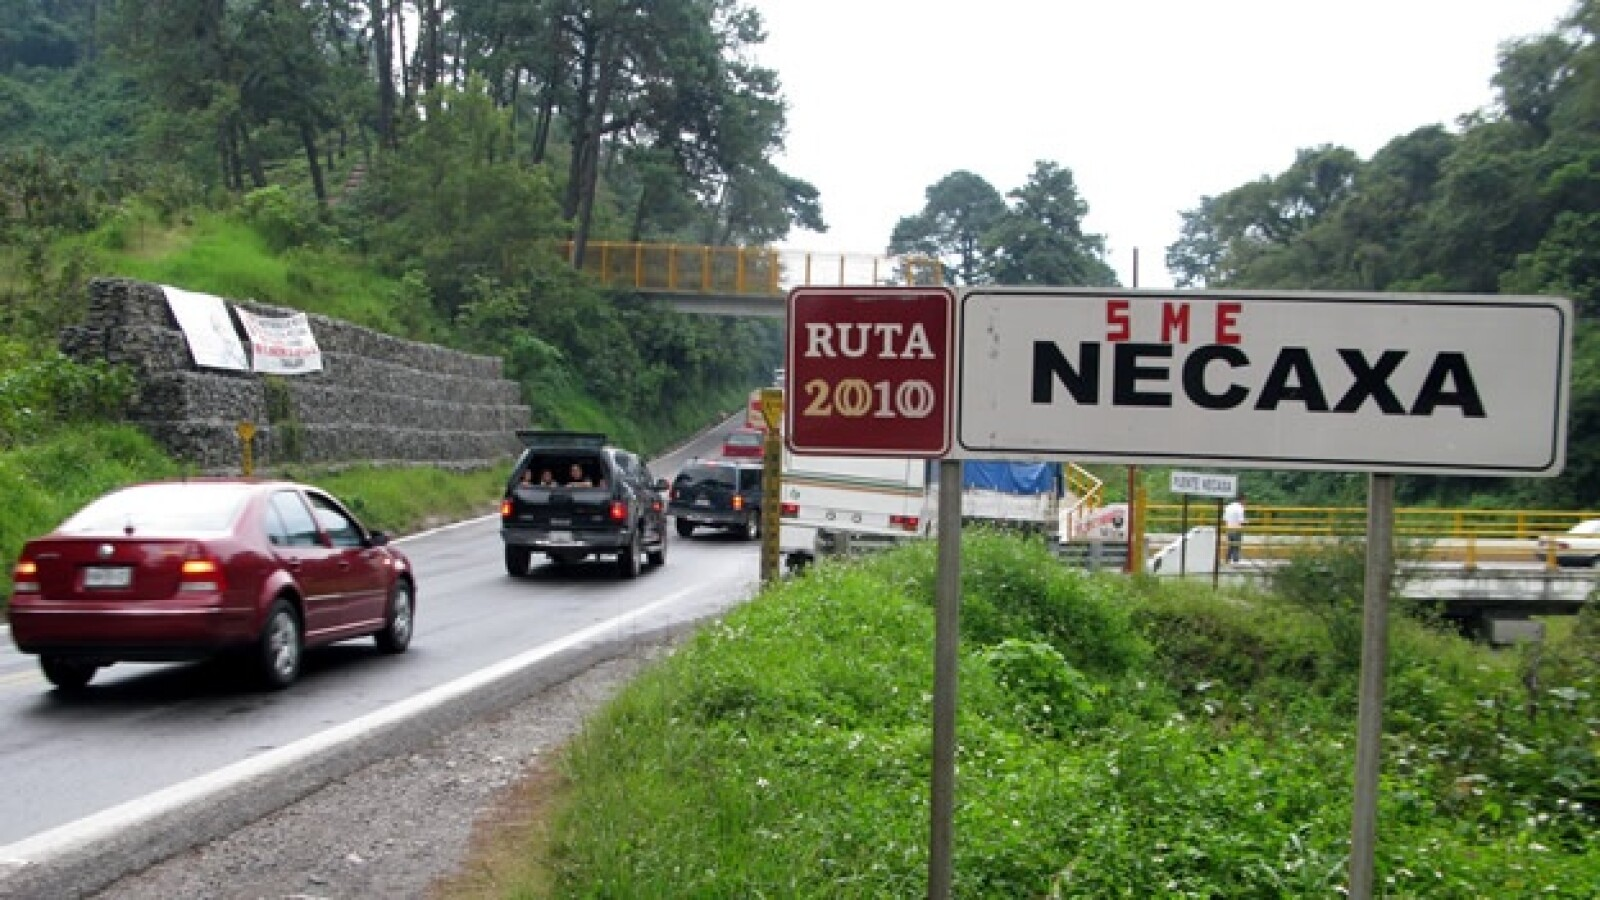 pueblo Nuevo Necaxa 2 sme luz y fuerza